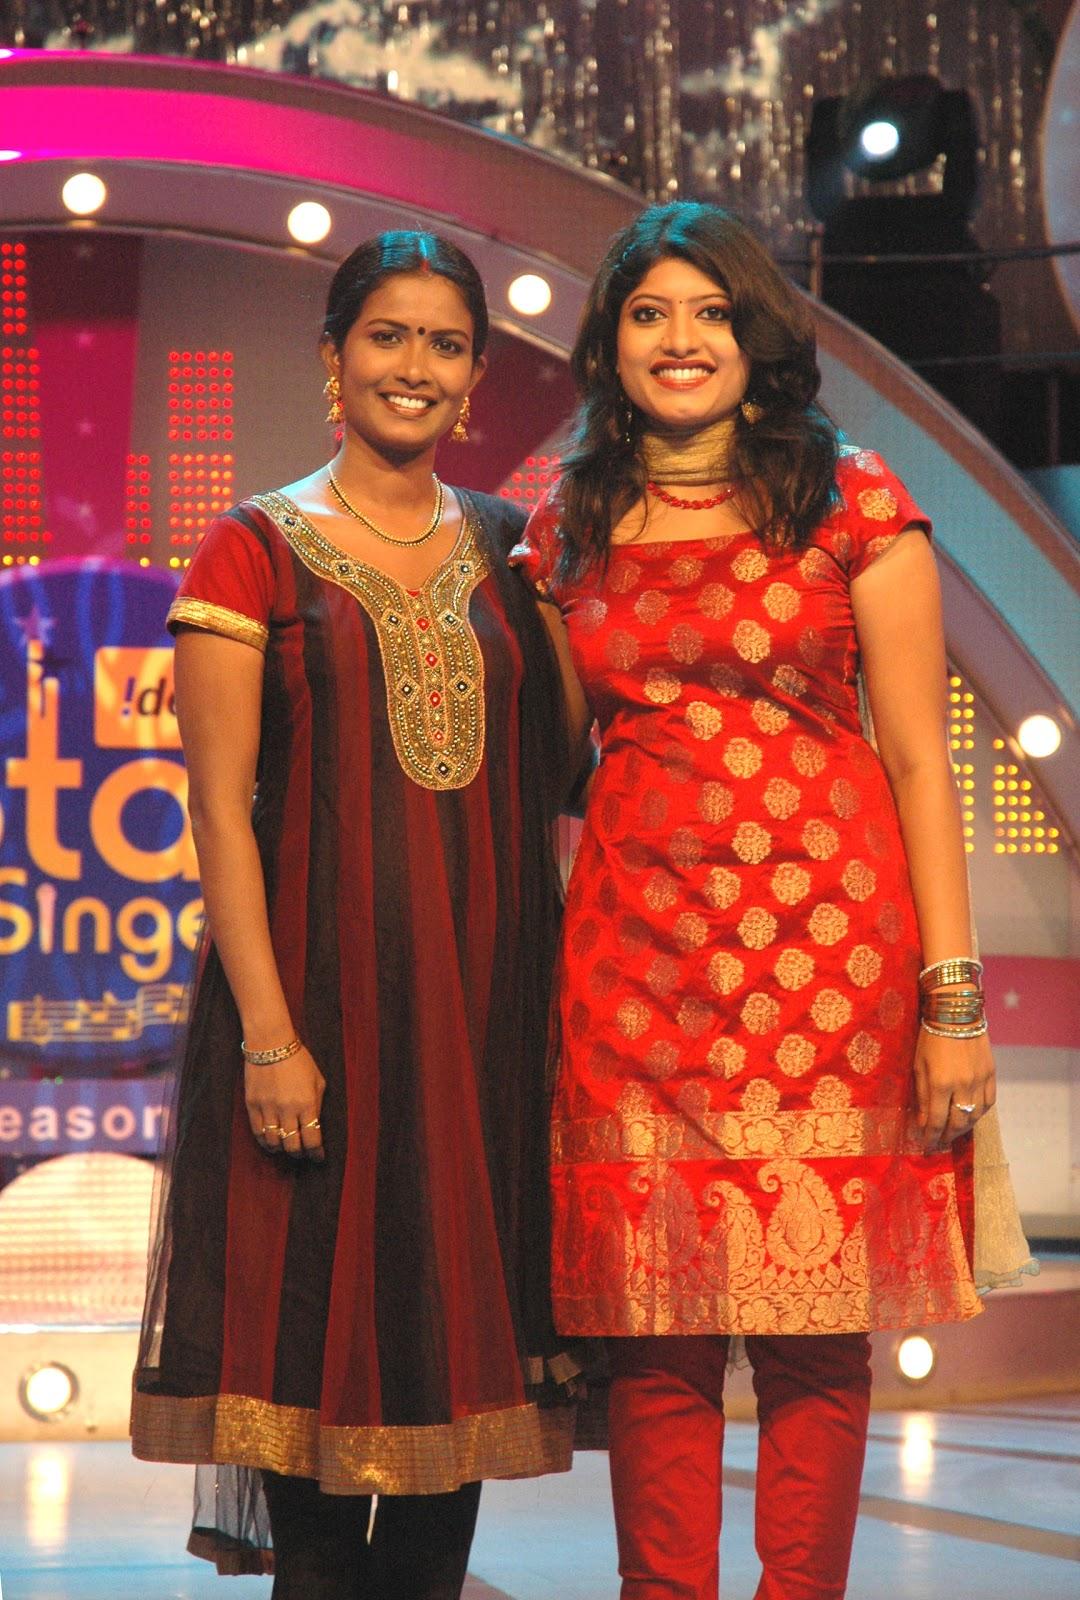 Renjini Haridas New Hot Drink Party - Metacafe Idea star singer ranjini hot photos